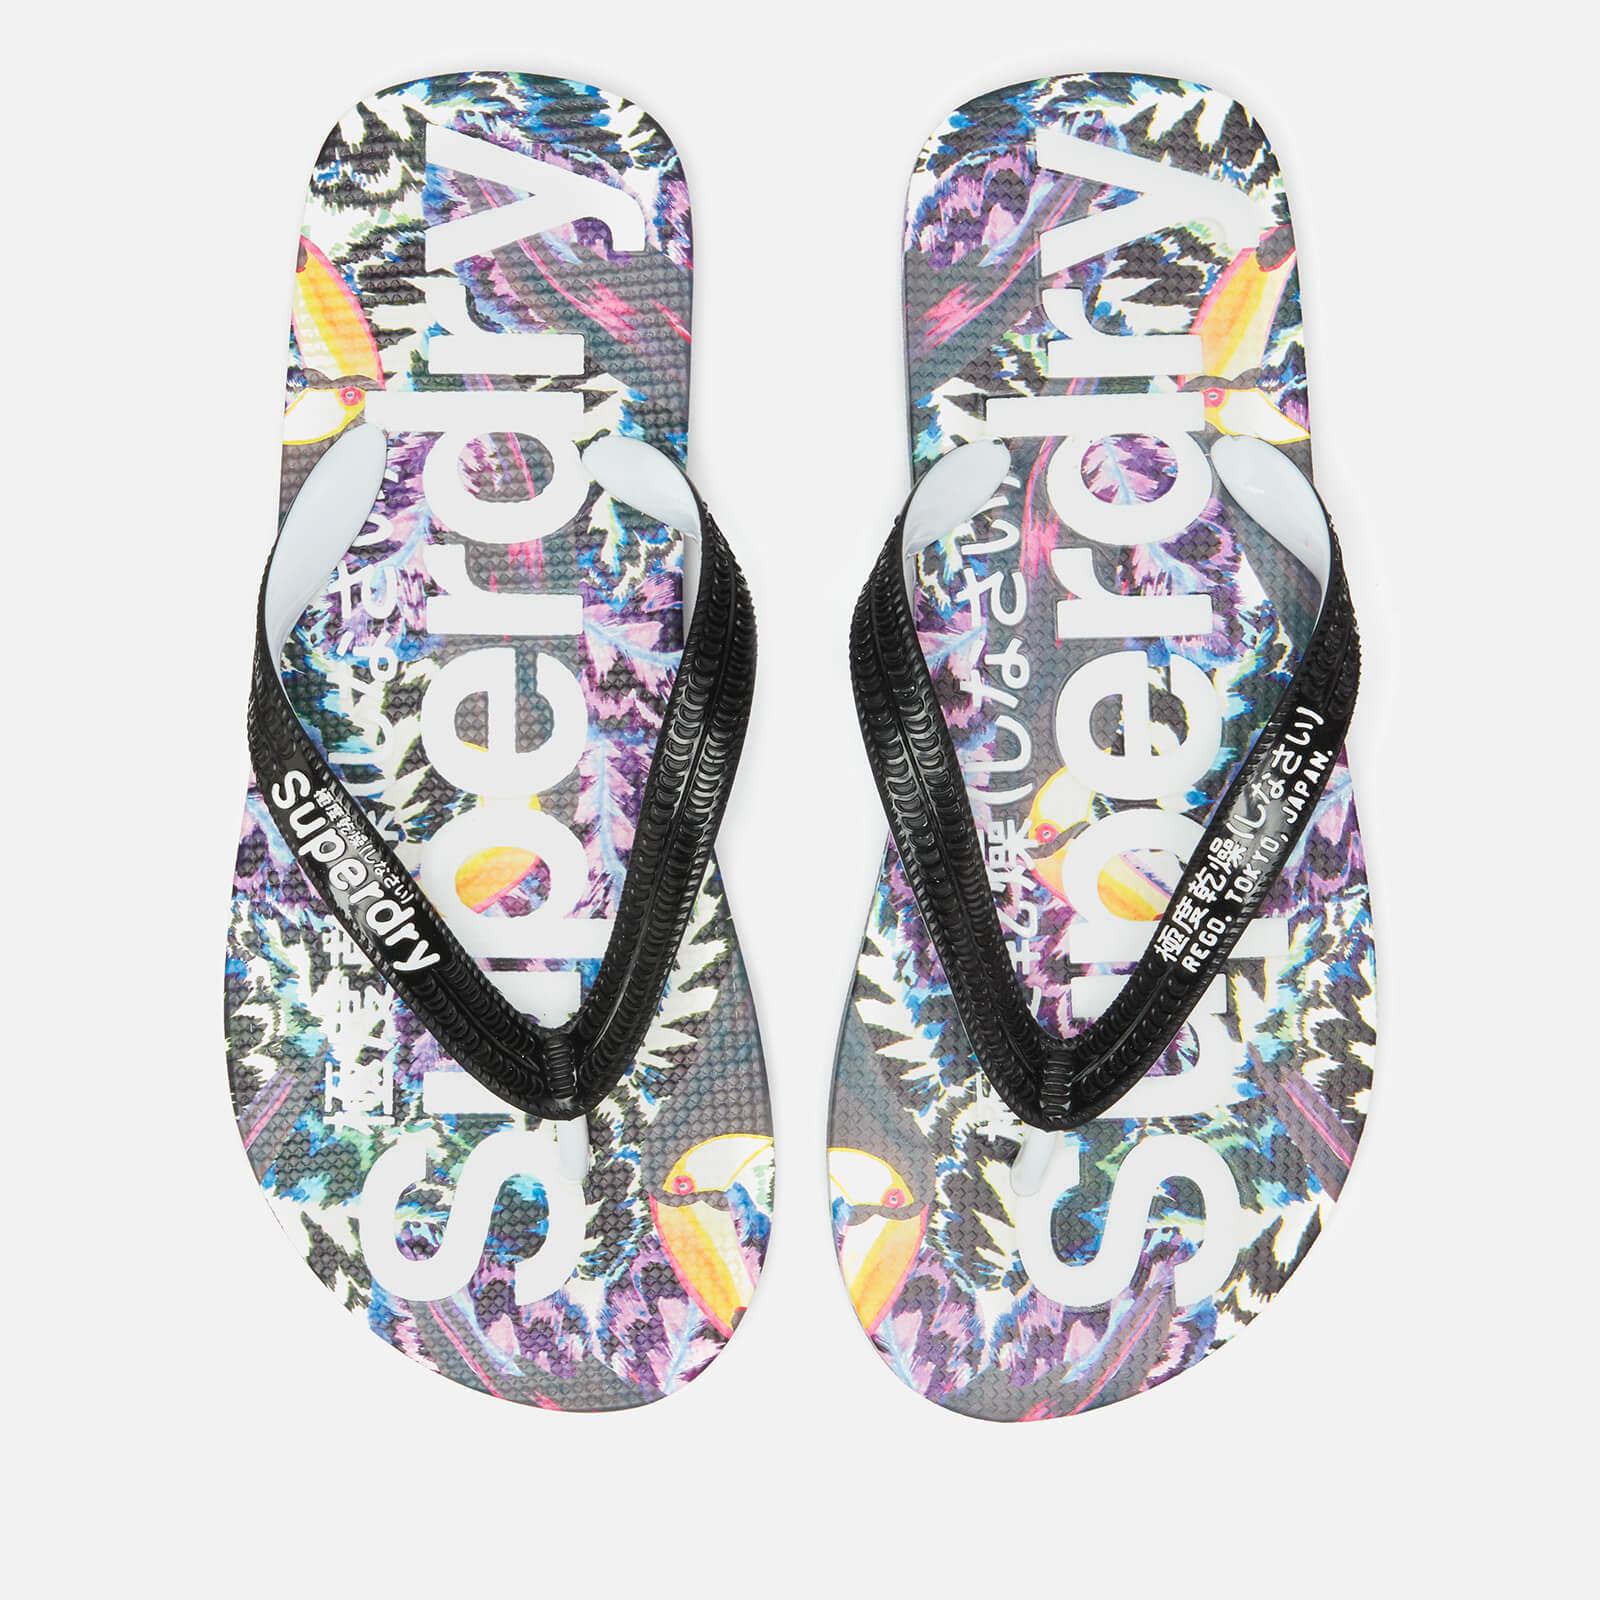 Superdry Women's Aop Flip Flops - Toucan Bazaar - M/UK 5-6 - Multi